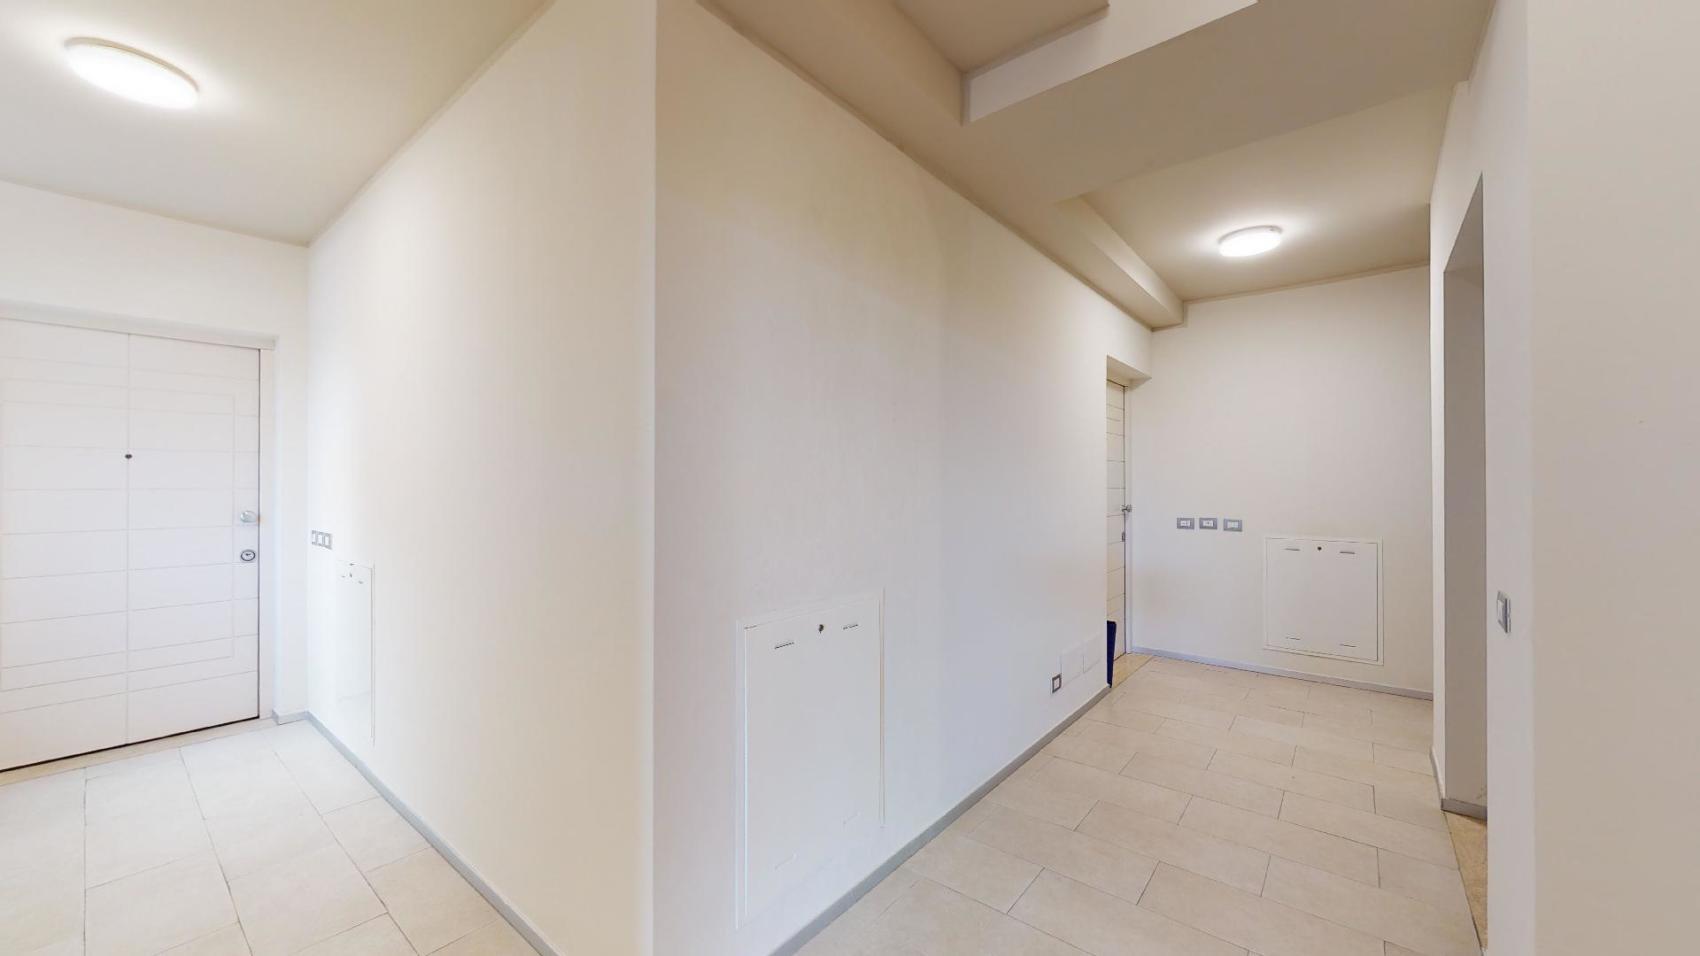 Bilocale con ampia terrazza e box privato Alassio 4B120